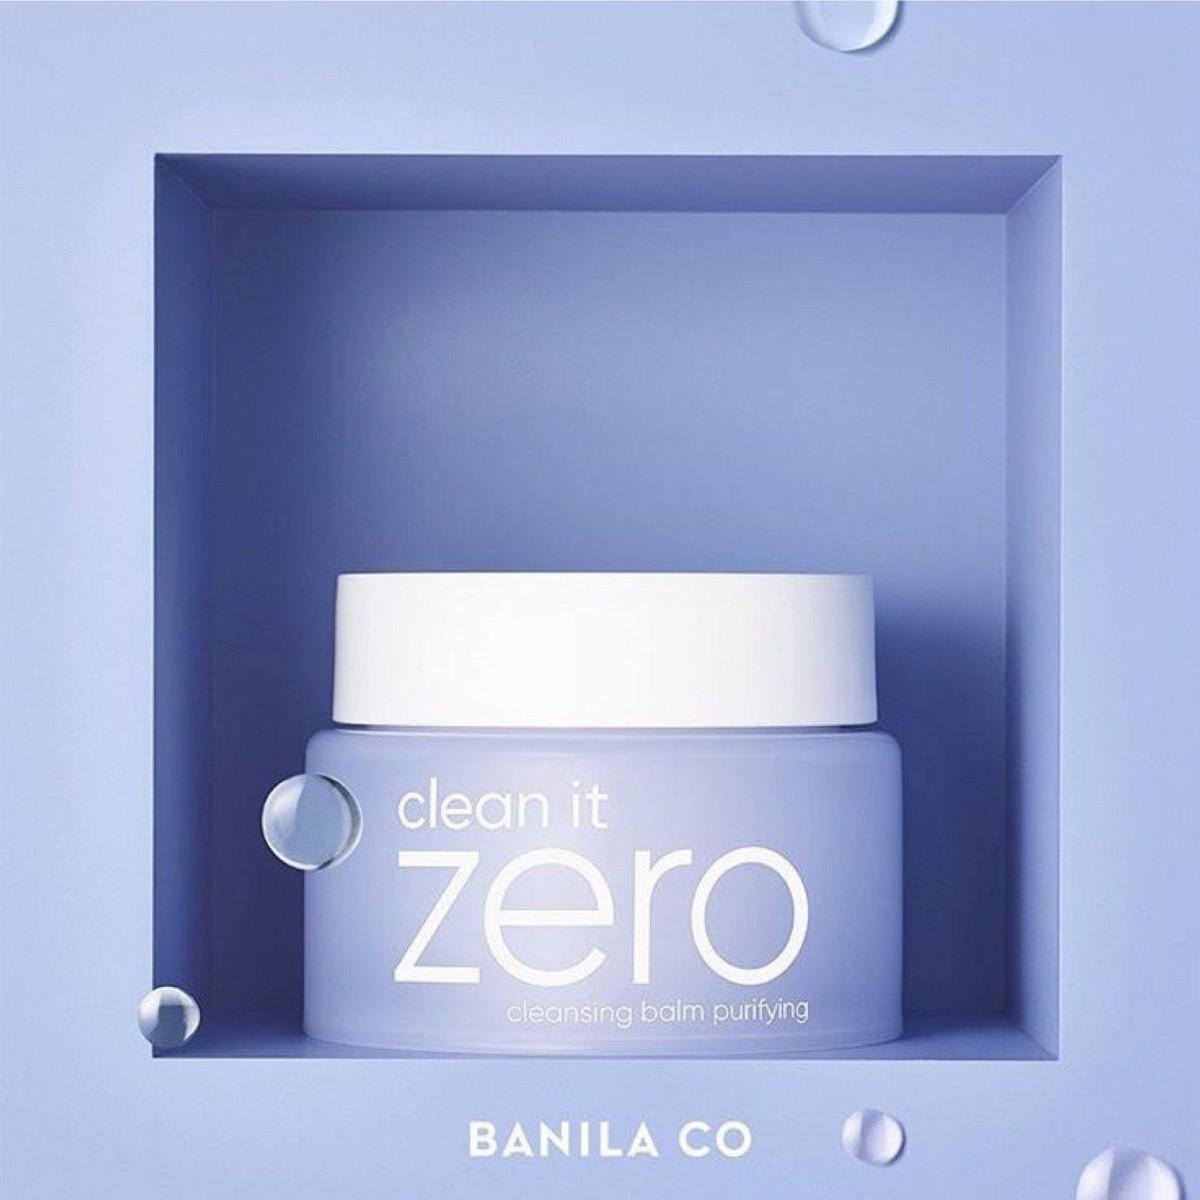 Clean It Zero Cleansing Balm Purifying [BANILA CO]